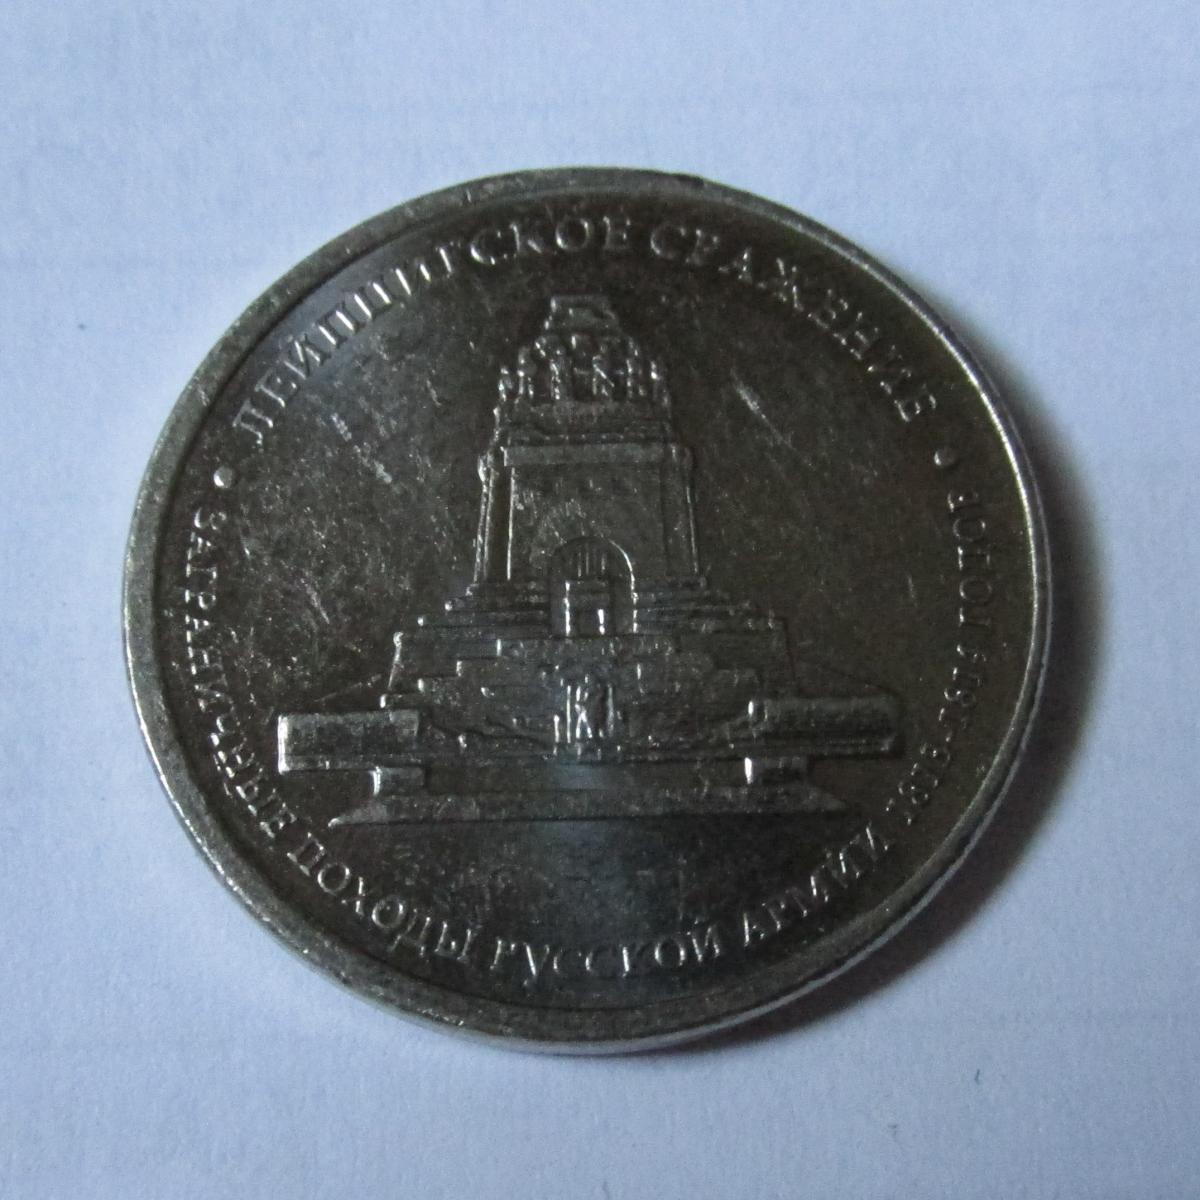 5 рублей 2012 г. ММД